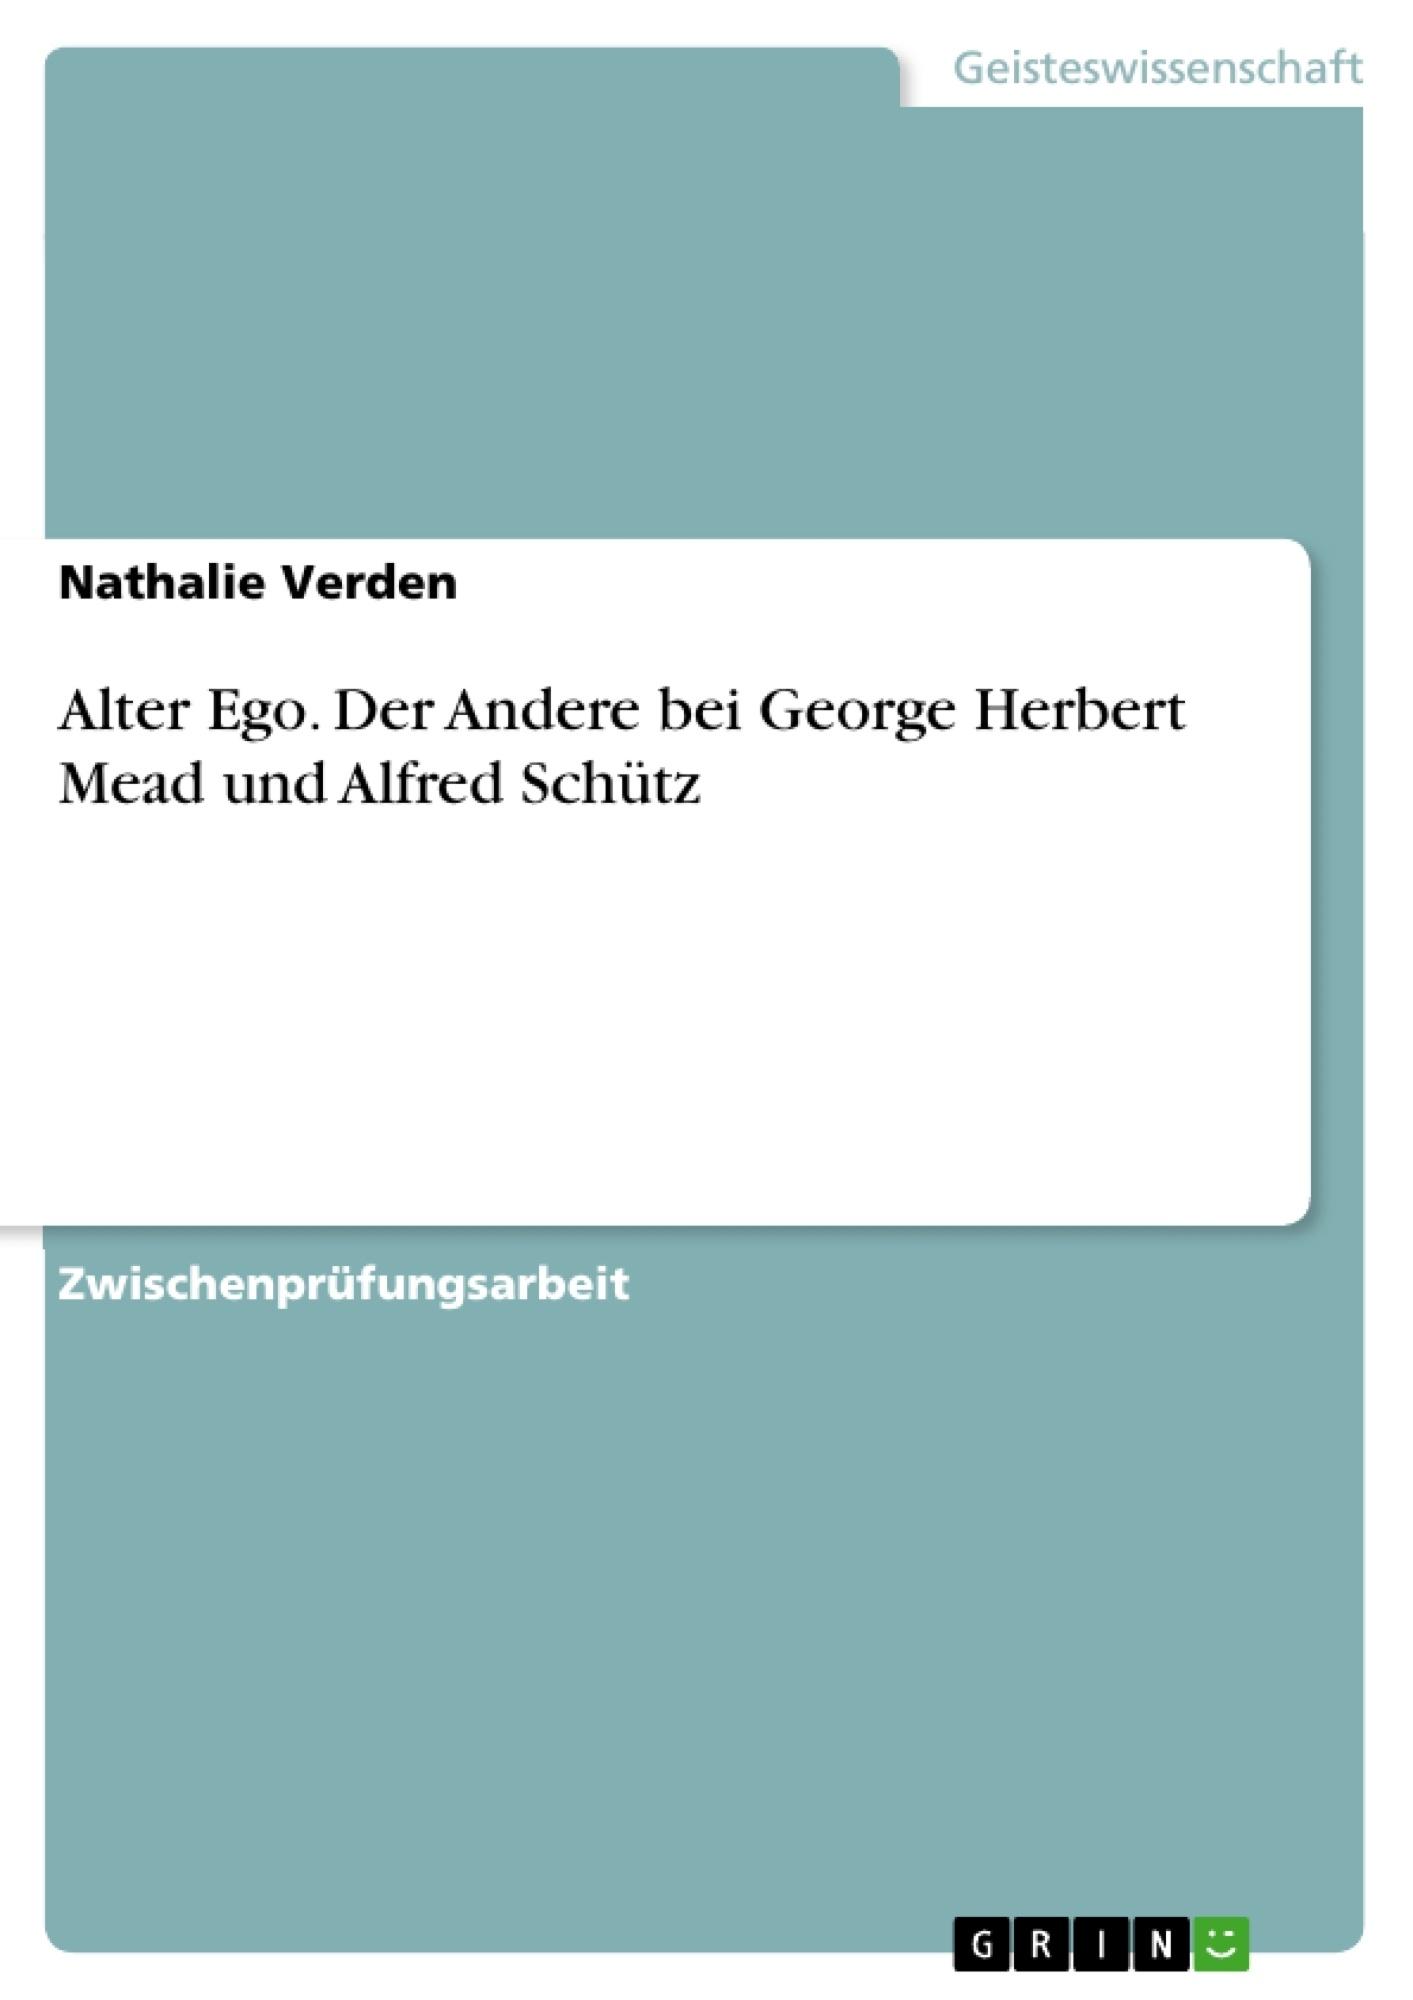 Titel: Alter Ego. Der Andere bei George Herbert Mead und Alfred Schütz